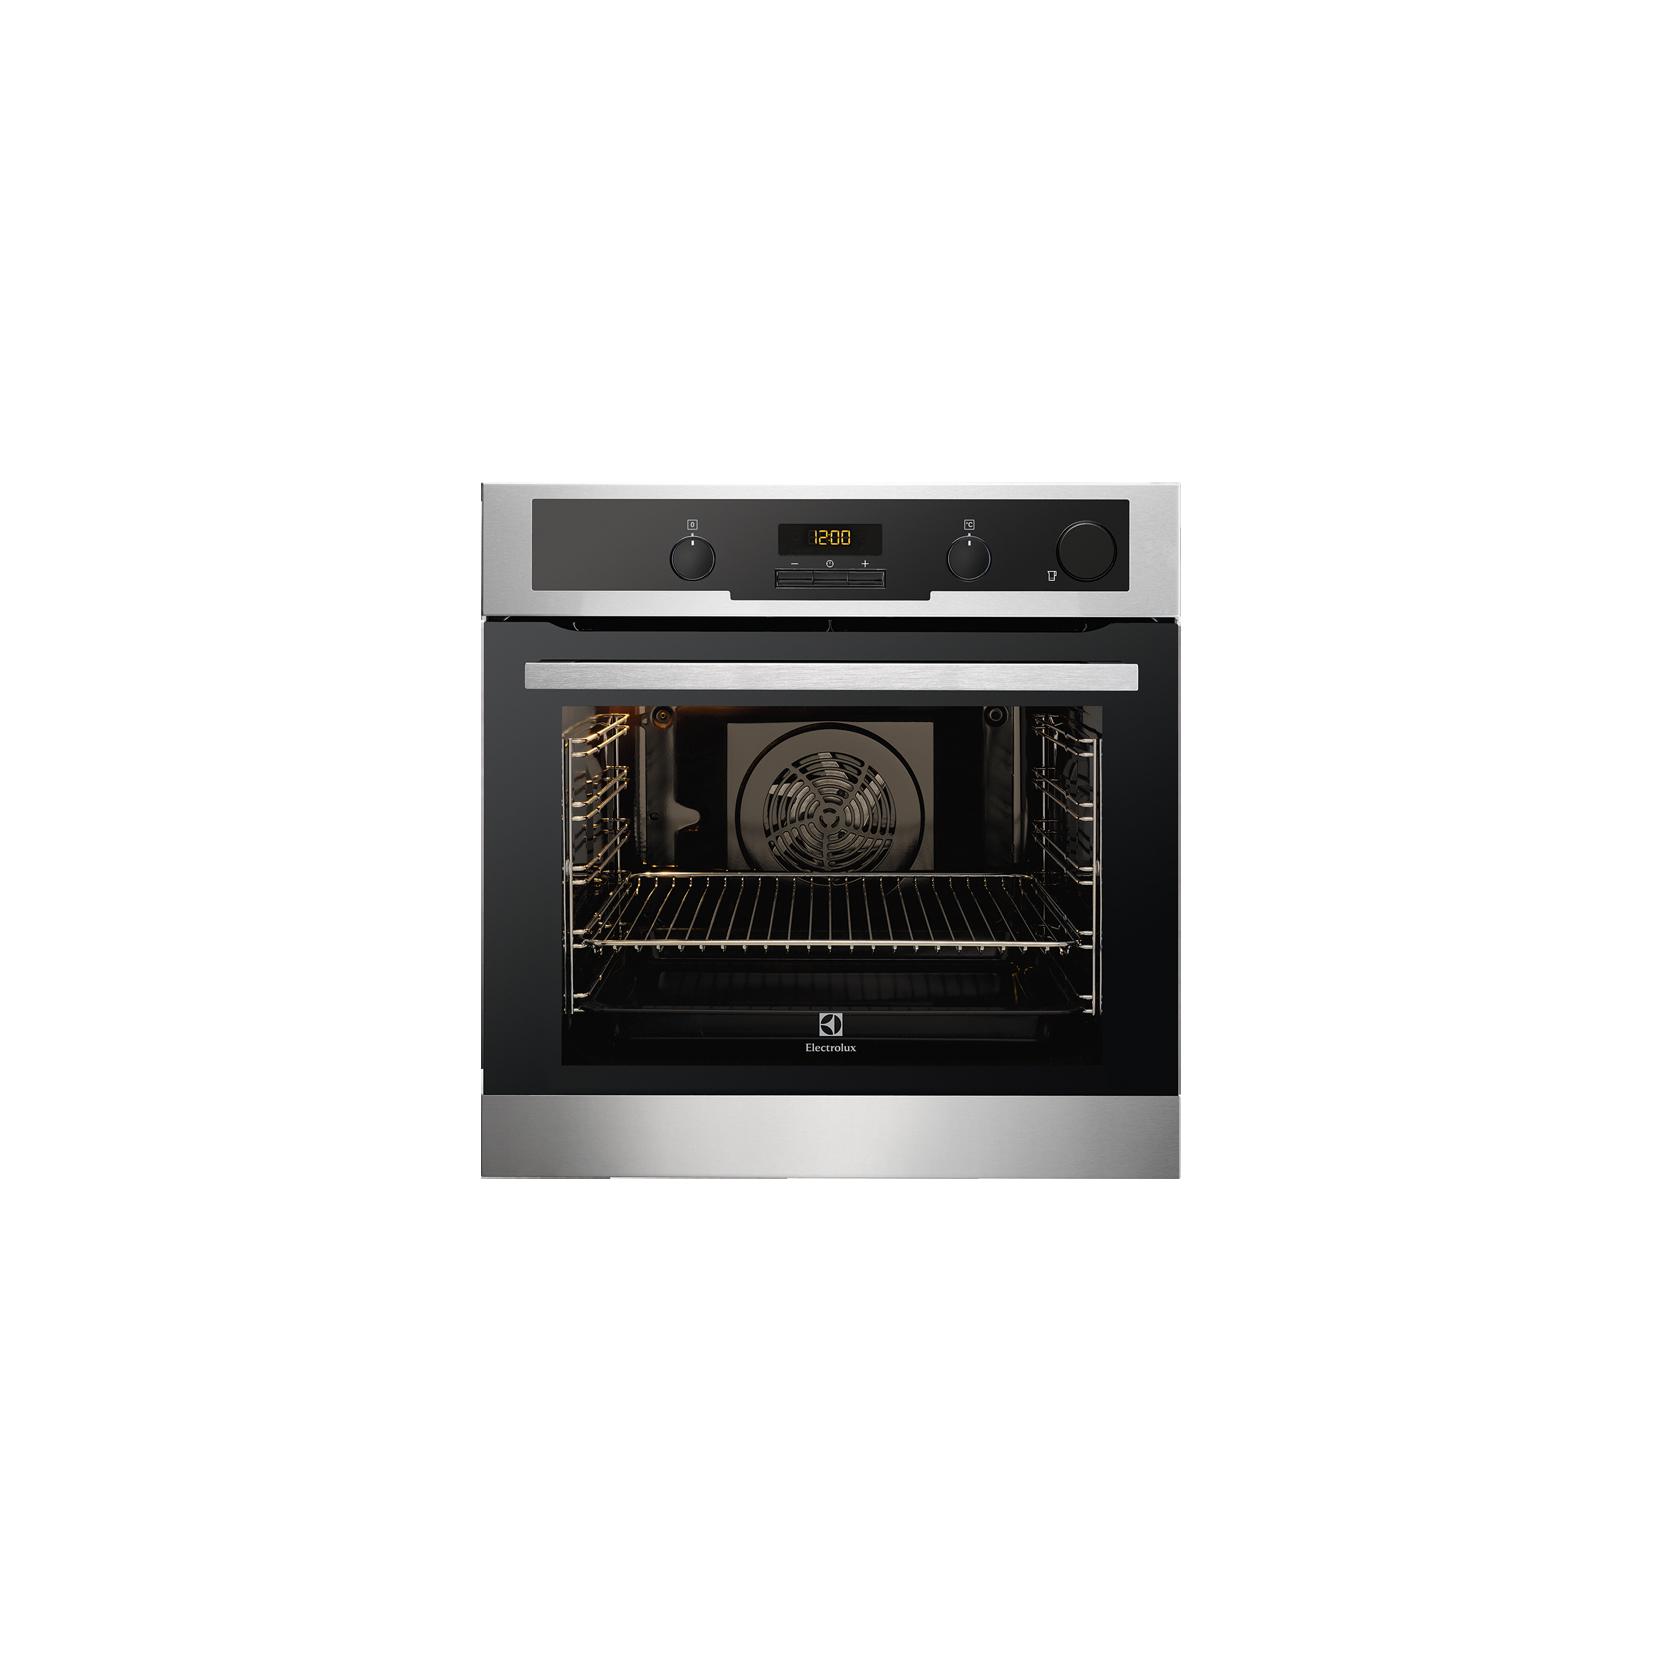 Rex electrolux eob6410box forno da incasso a vapore colore inox garanzia italia promozione - Rex forno da incasso ...